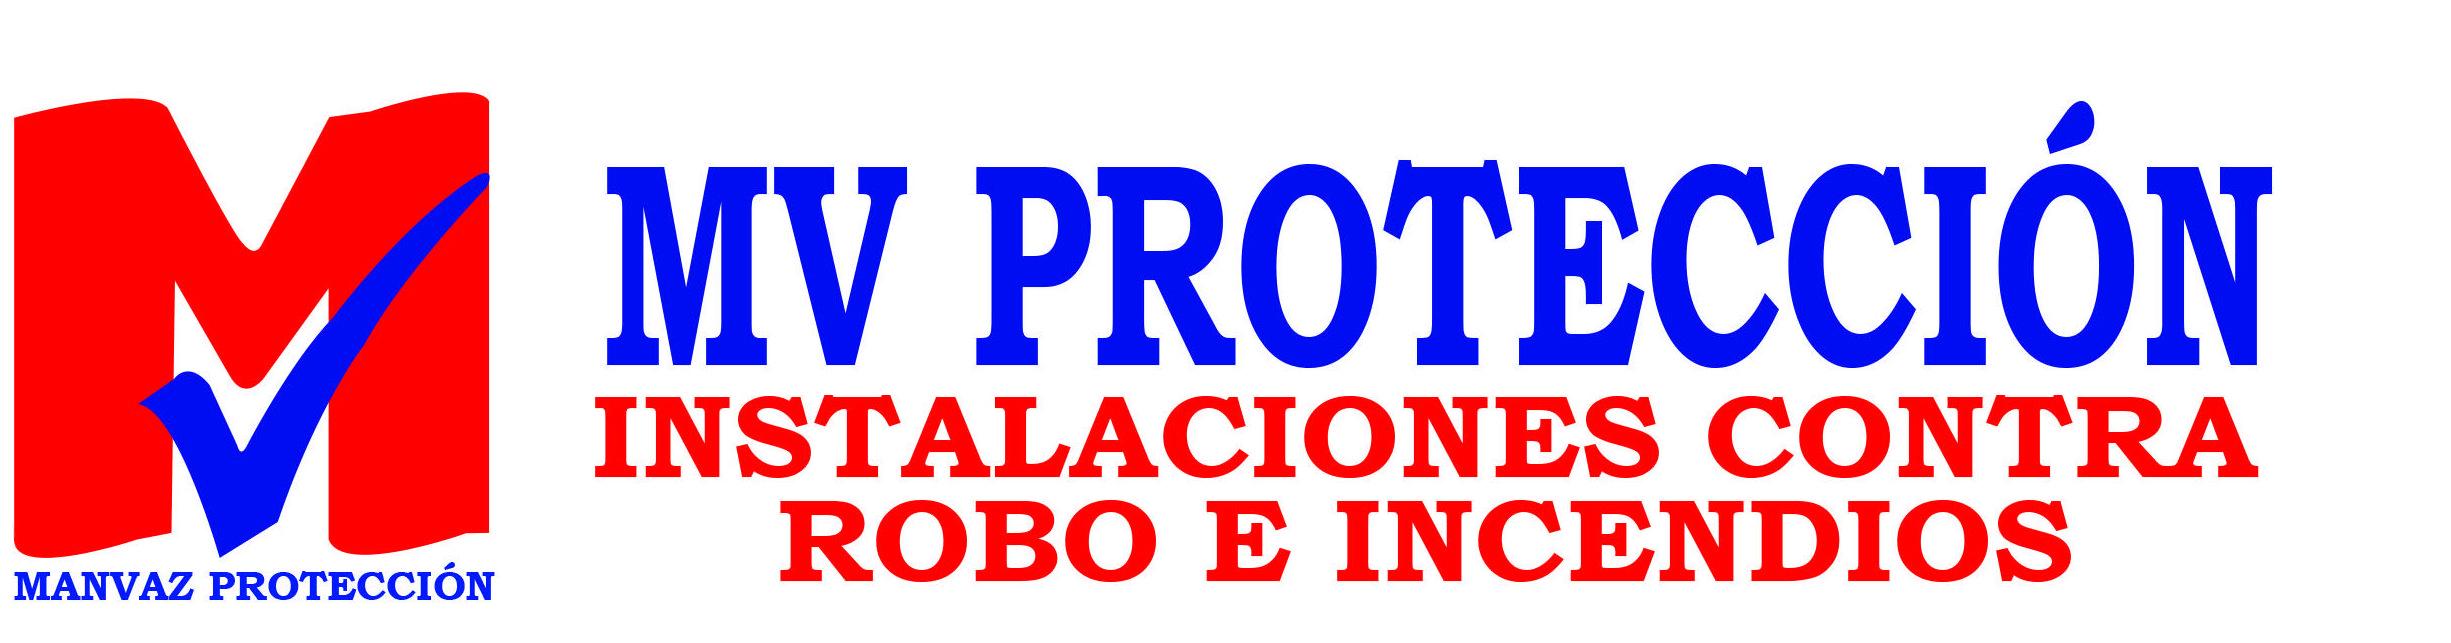 MV Proteccion